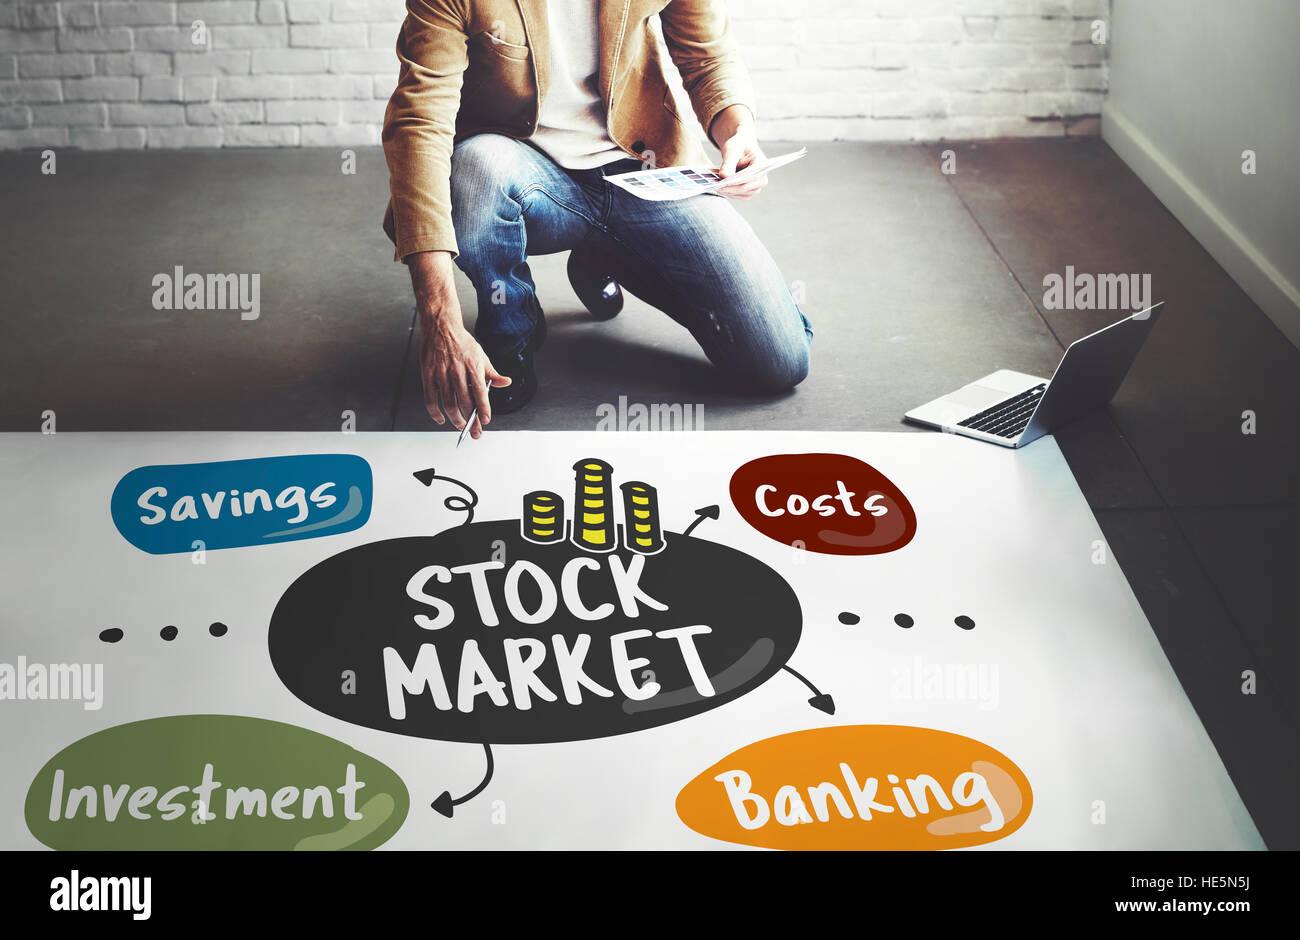 Borsa schema parola concetto Immagini Stock